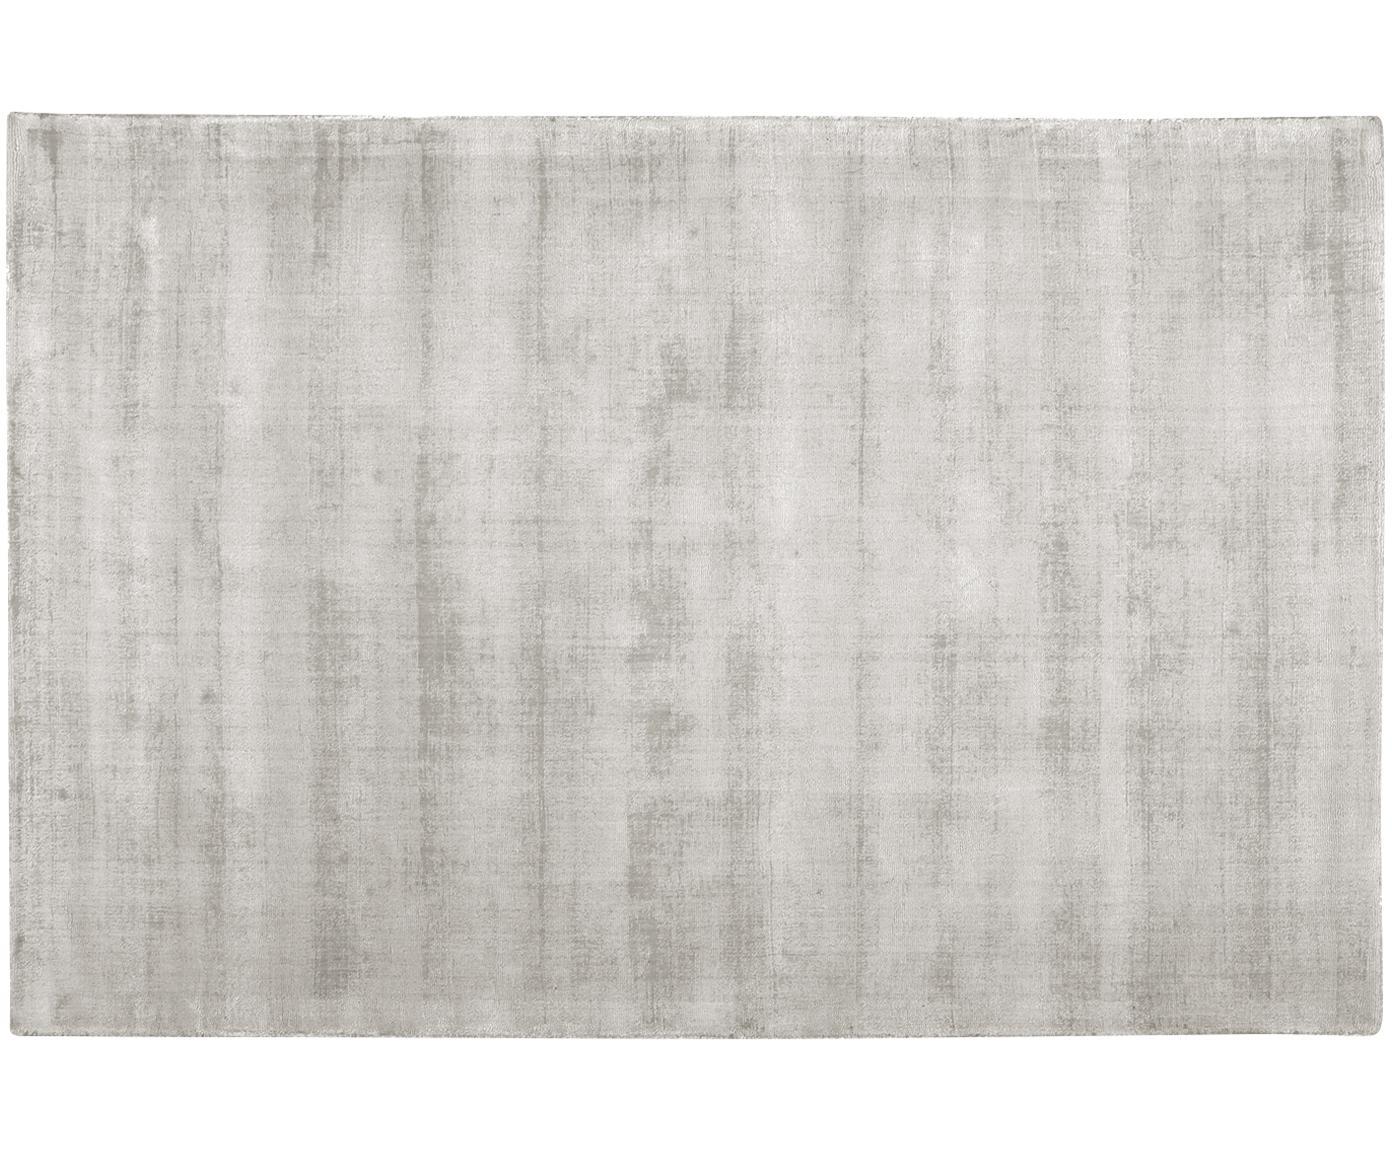 Handgeweven viscose vloerkleed Jane, Bovenzijde: 100% viscose, Onderzijde: 100% katoen, Lichtgrijs-beige, 200 x 300 cm